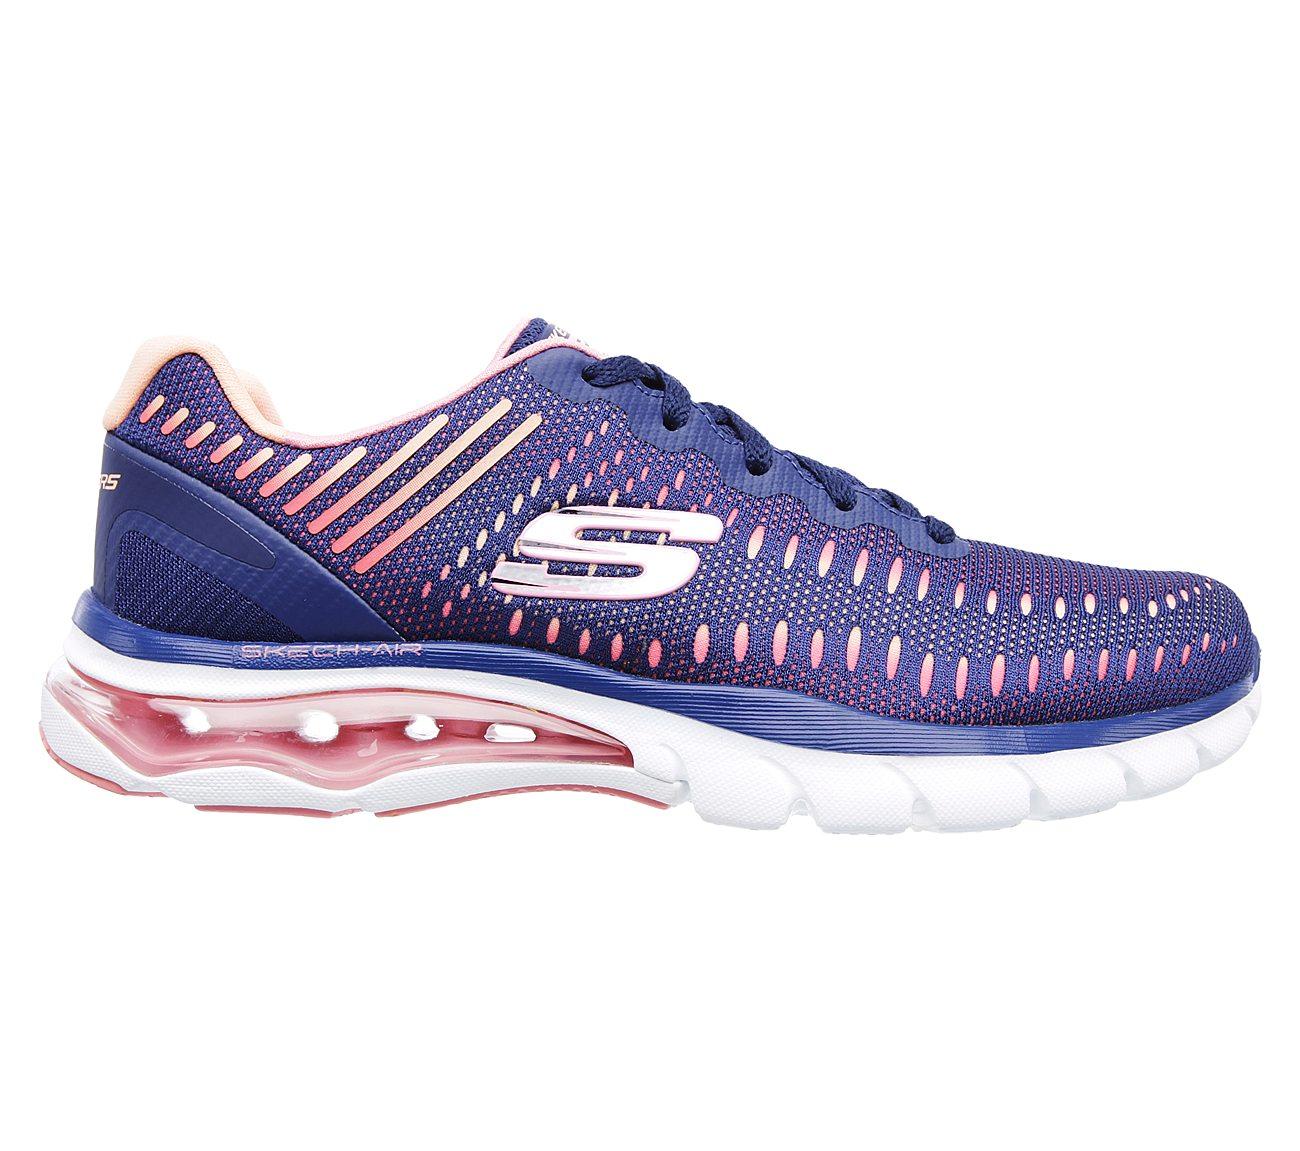 Skechers Sport Women S Skech Air Shoe Show